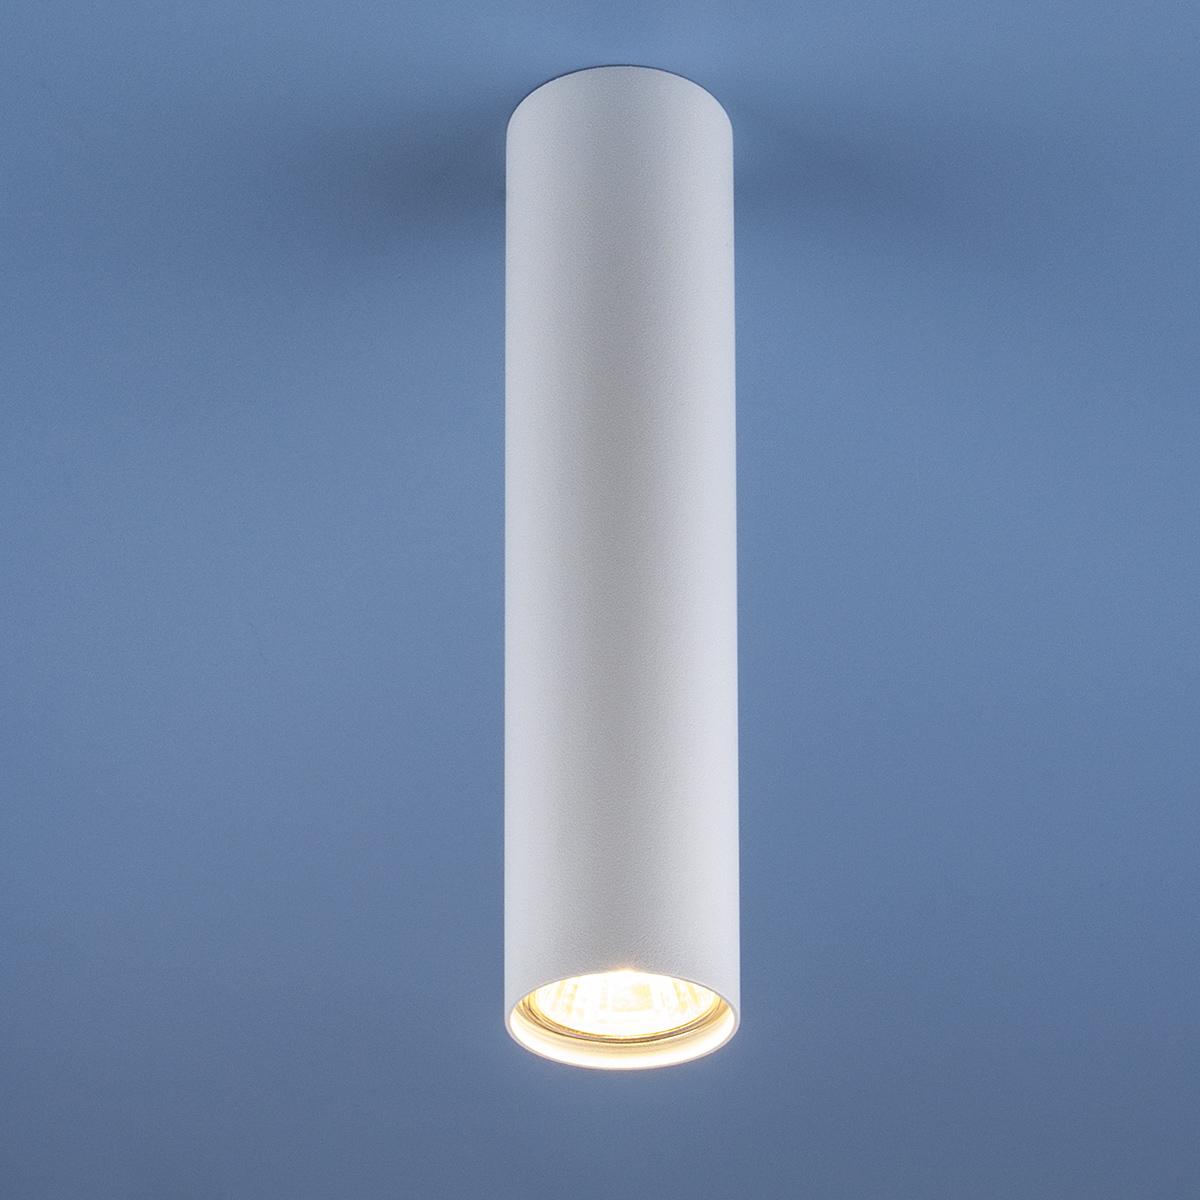 Накладной точечный светильник 5463 белый